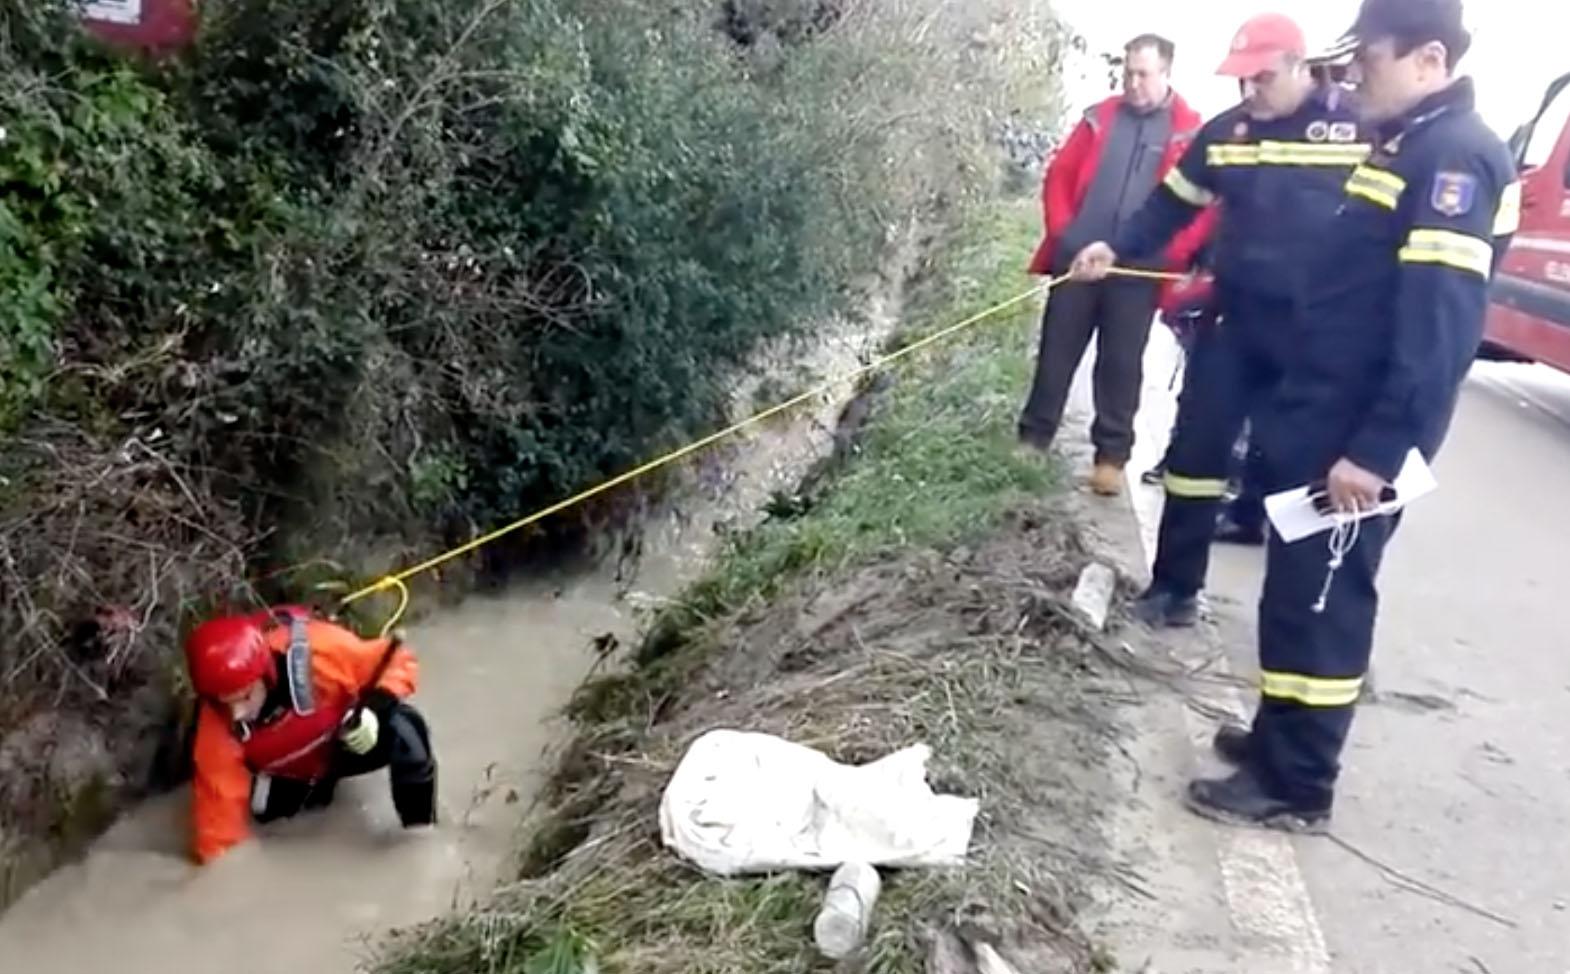 Η πυροσβεστική στη Ζάκυνθο ψάχνει τον άτυχο 33χρονο